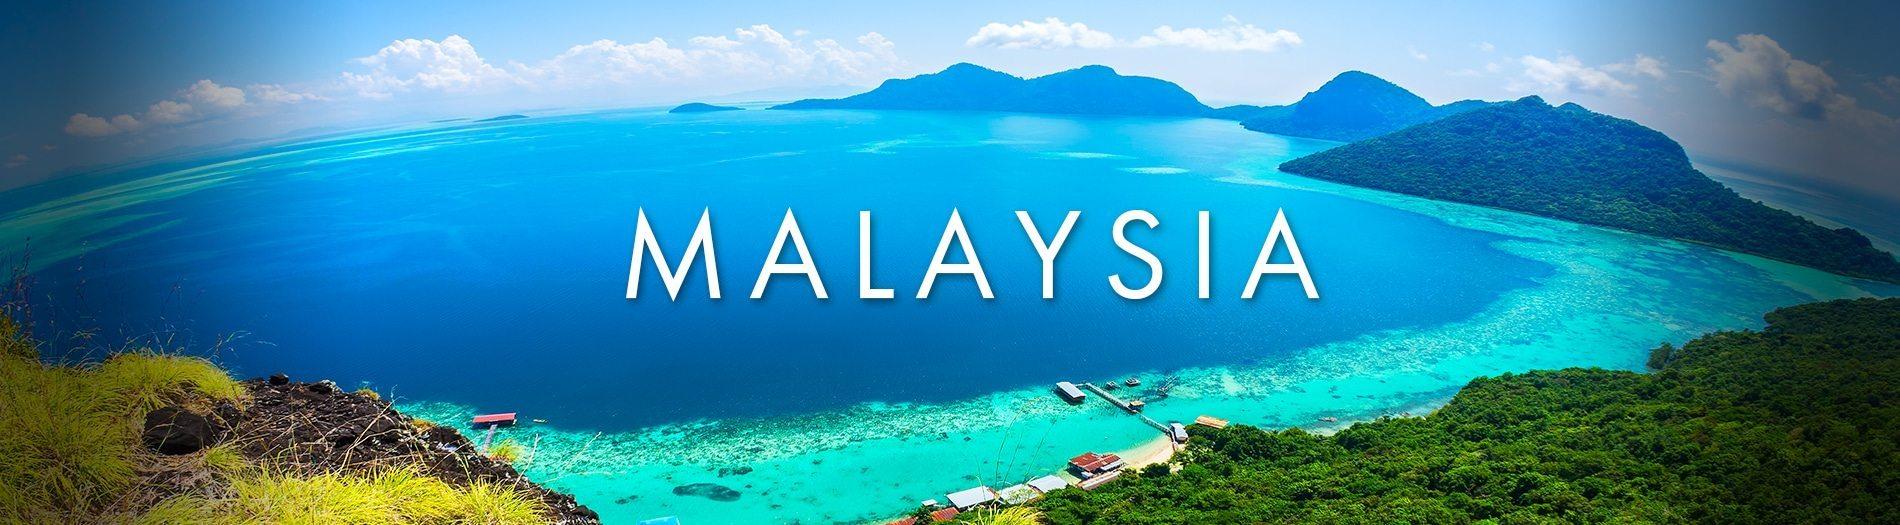 ملائیشیا 1000 $ میں ہنیمون پیش کرتے ہیں